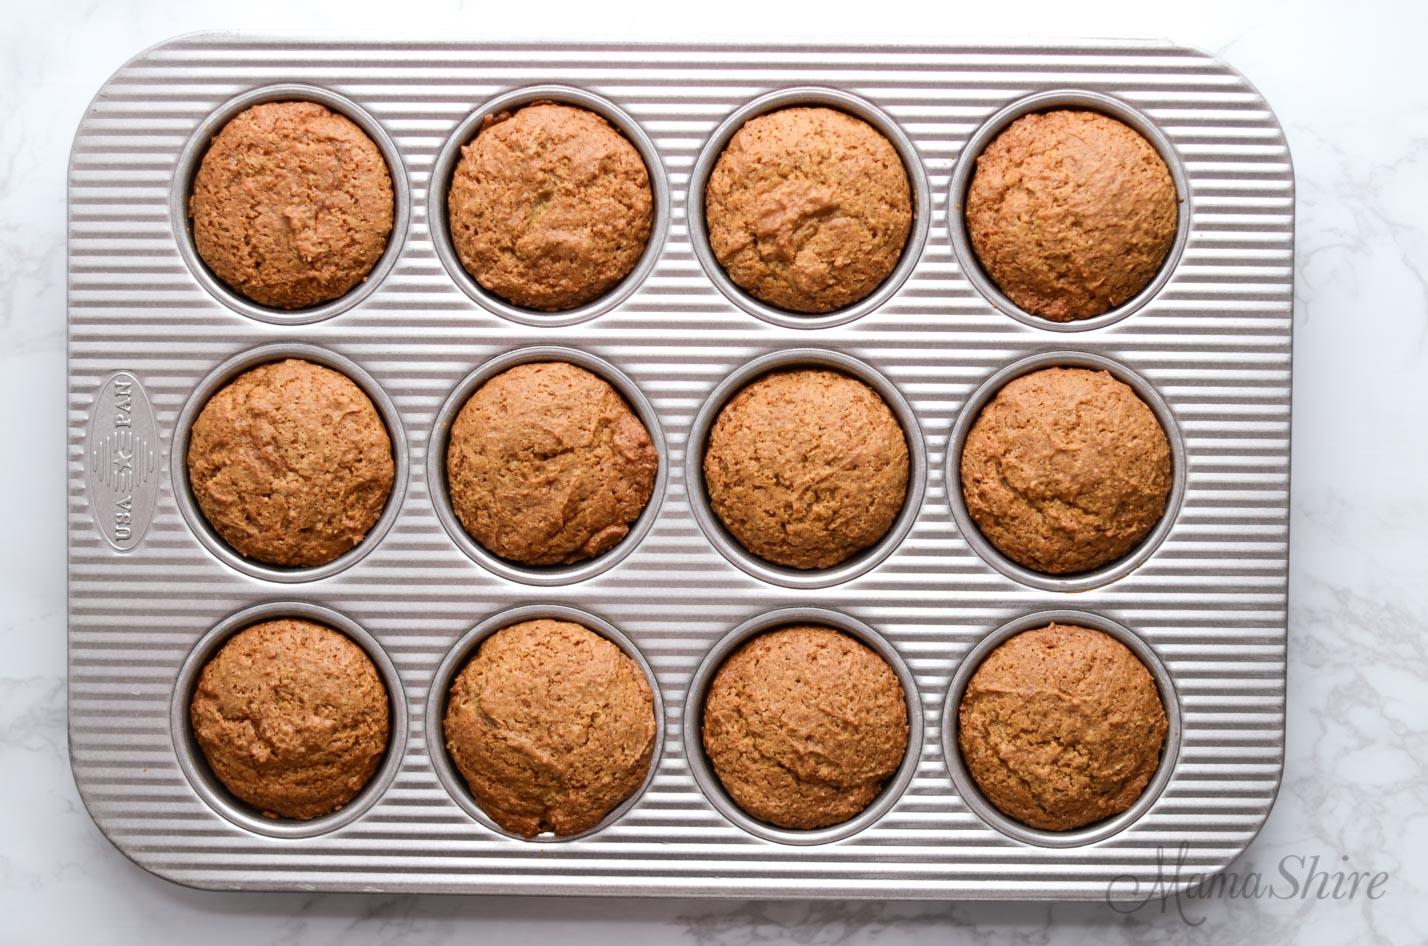 Freshly baked gluten-free applesauce muffins.